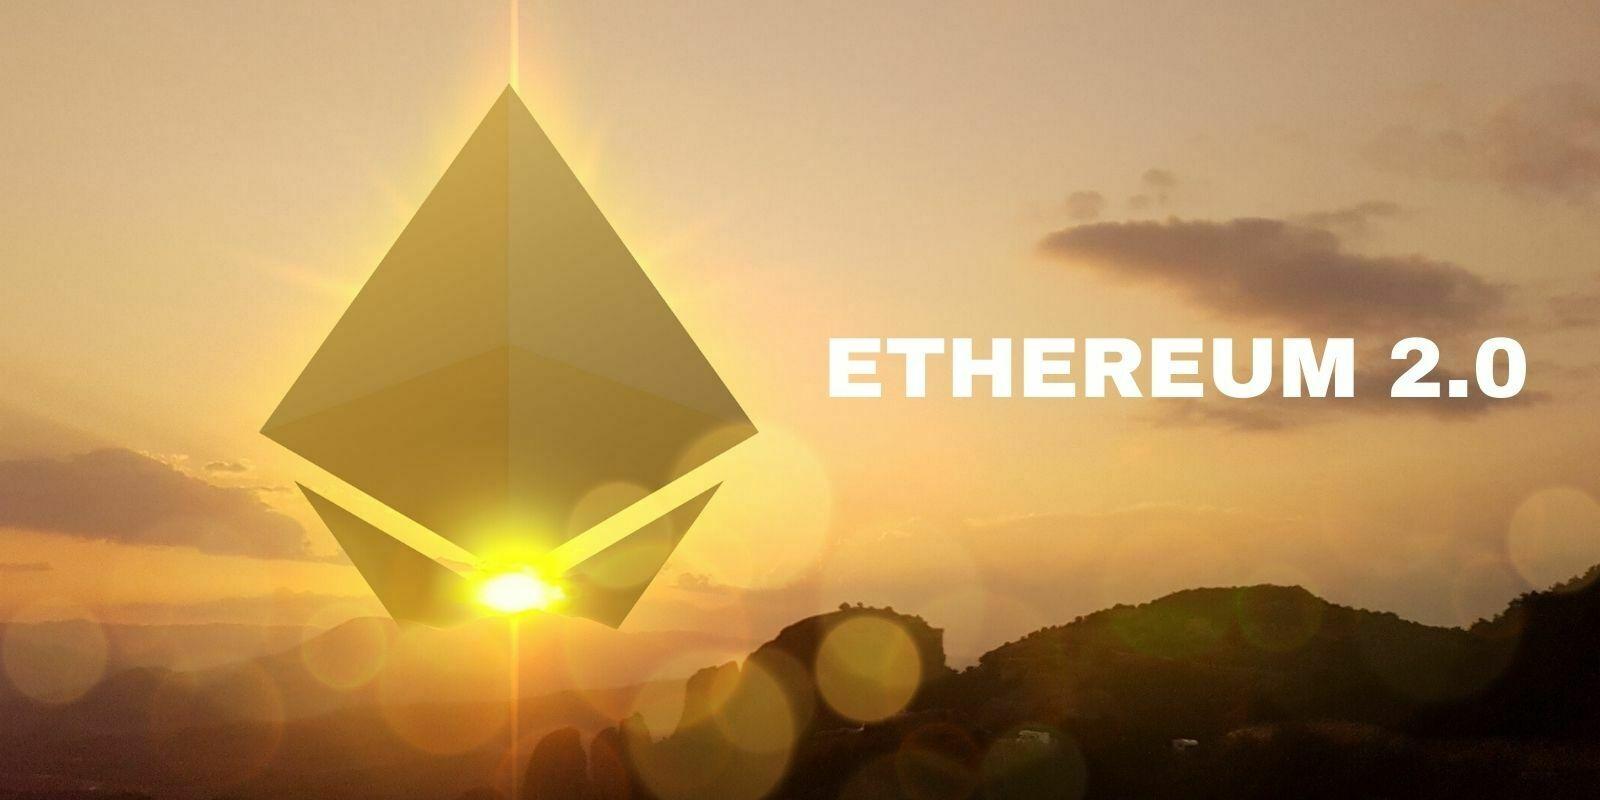 Lancement du testnet public d'Ethereum 2.0 dans 2 semaines